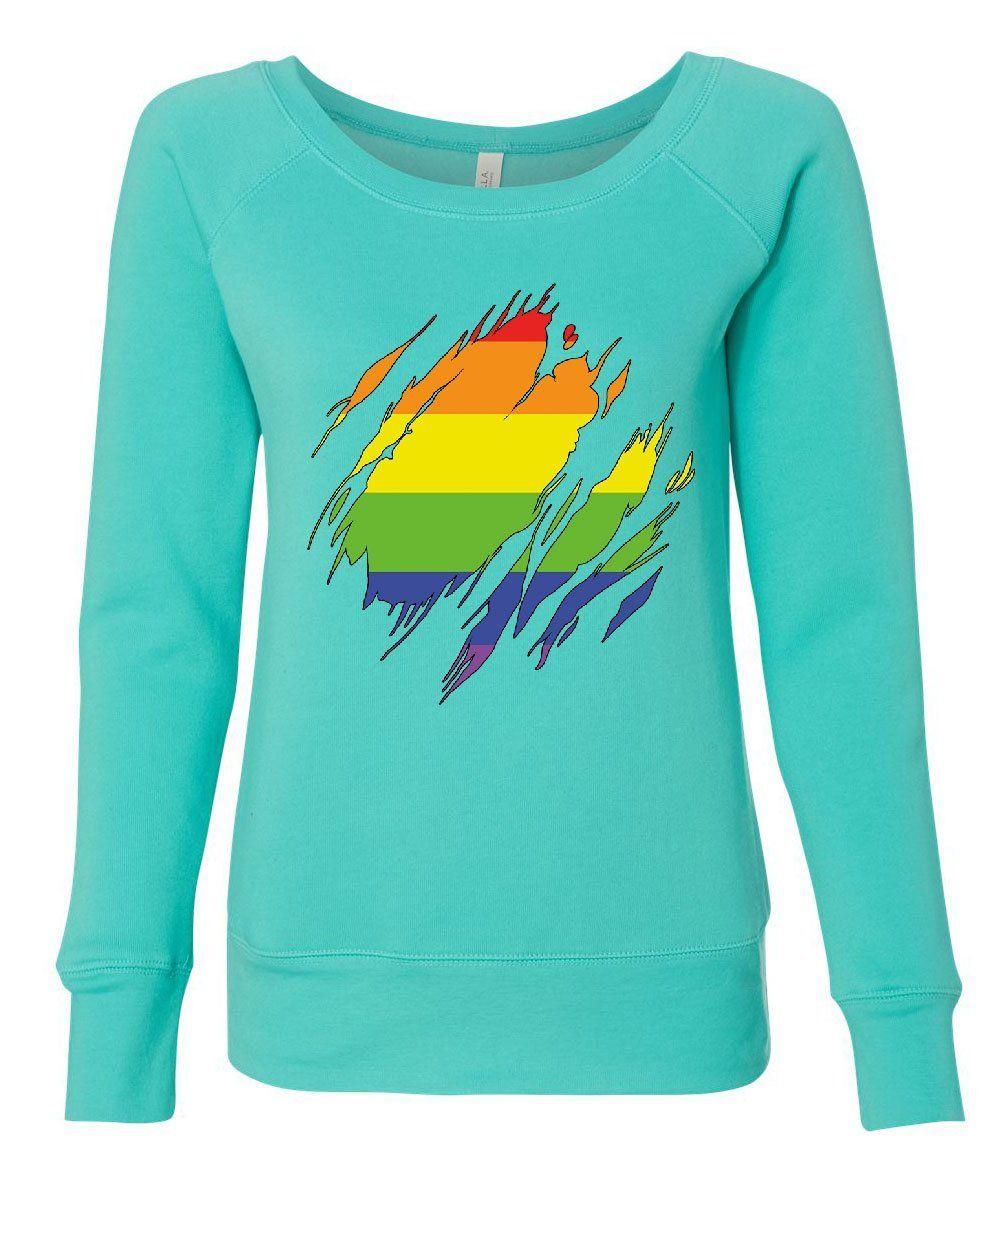 Ripped Gay Pride Rainbow Flag Sweatshirt LGBTQ Love Wins